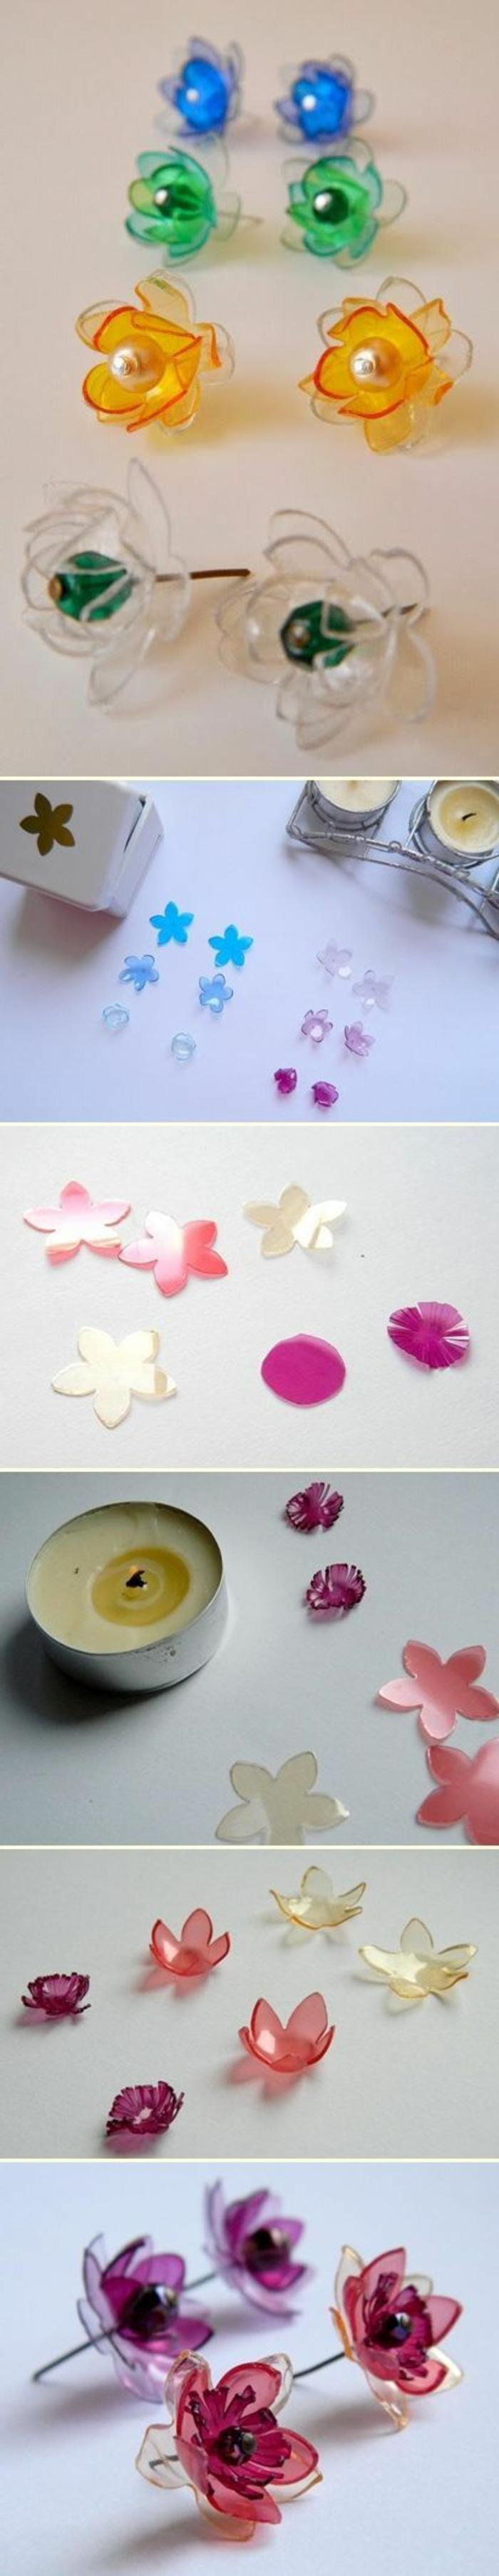 bricolage avec des bouteilles en plastique, fabriquer des bijoux à partir de bouteilles